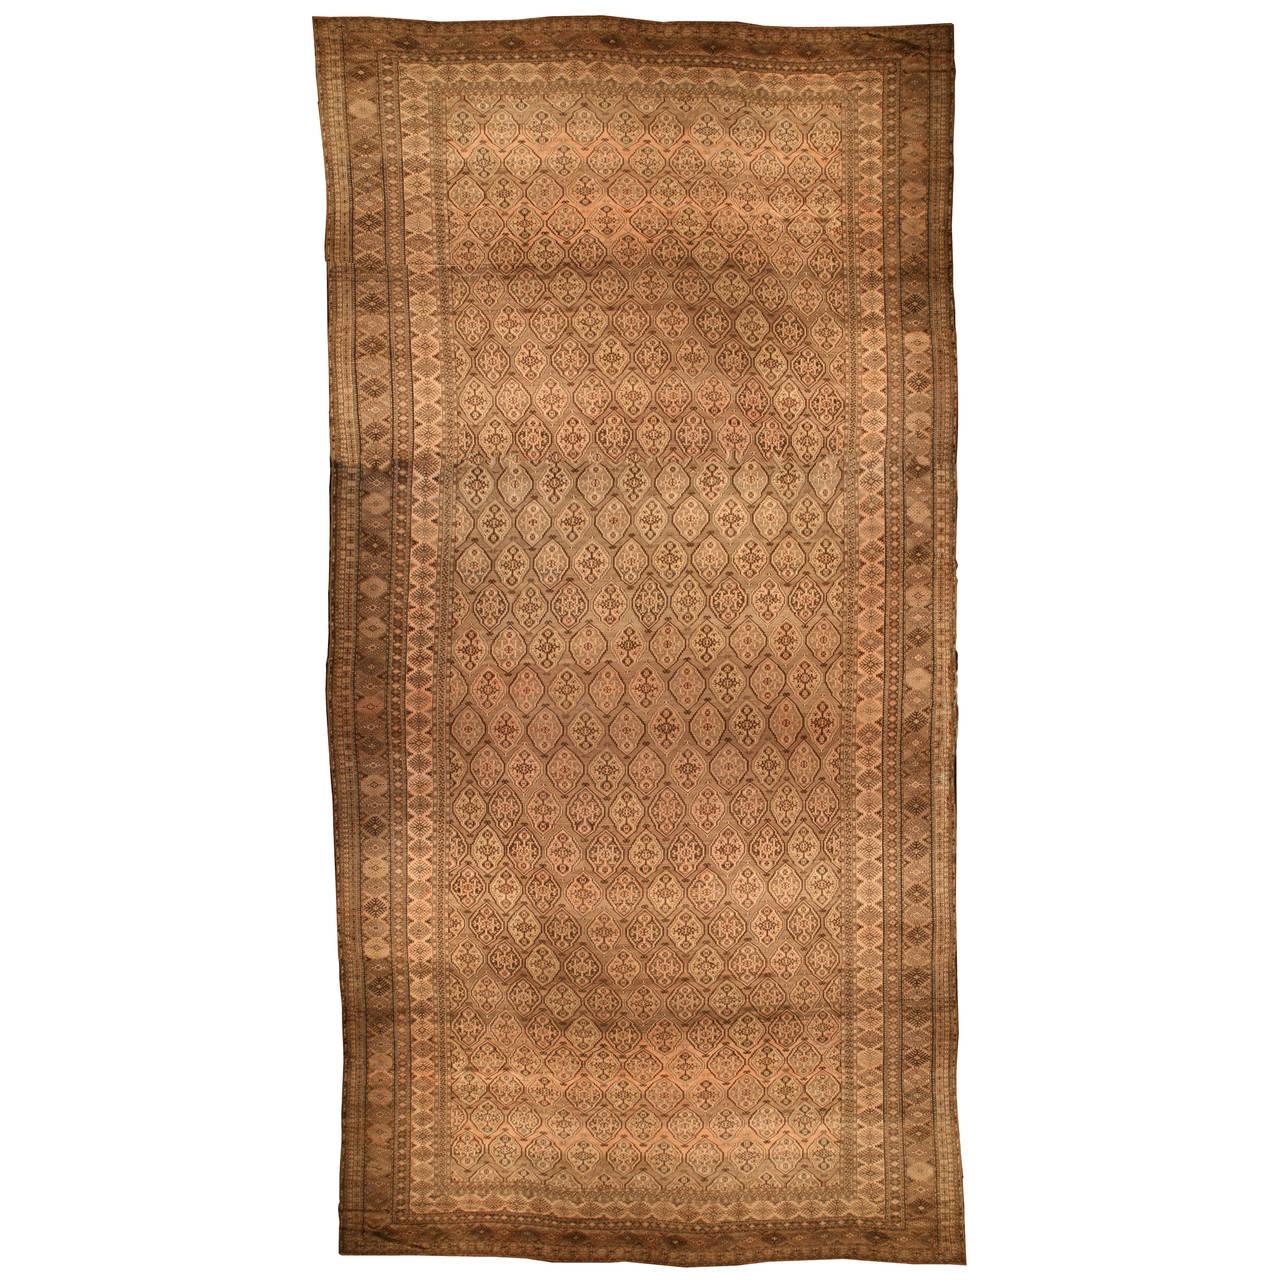 Antique Afghan Rugs: Antique Afghan Bashir Rug For Sale At 1stdibs